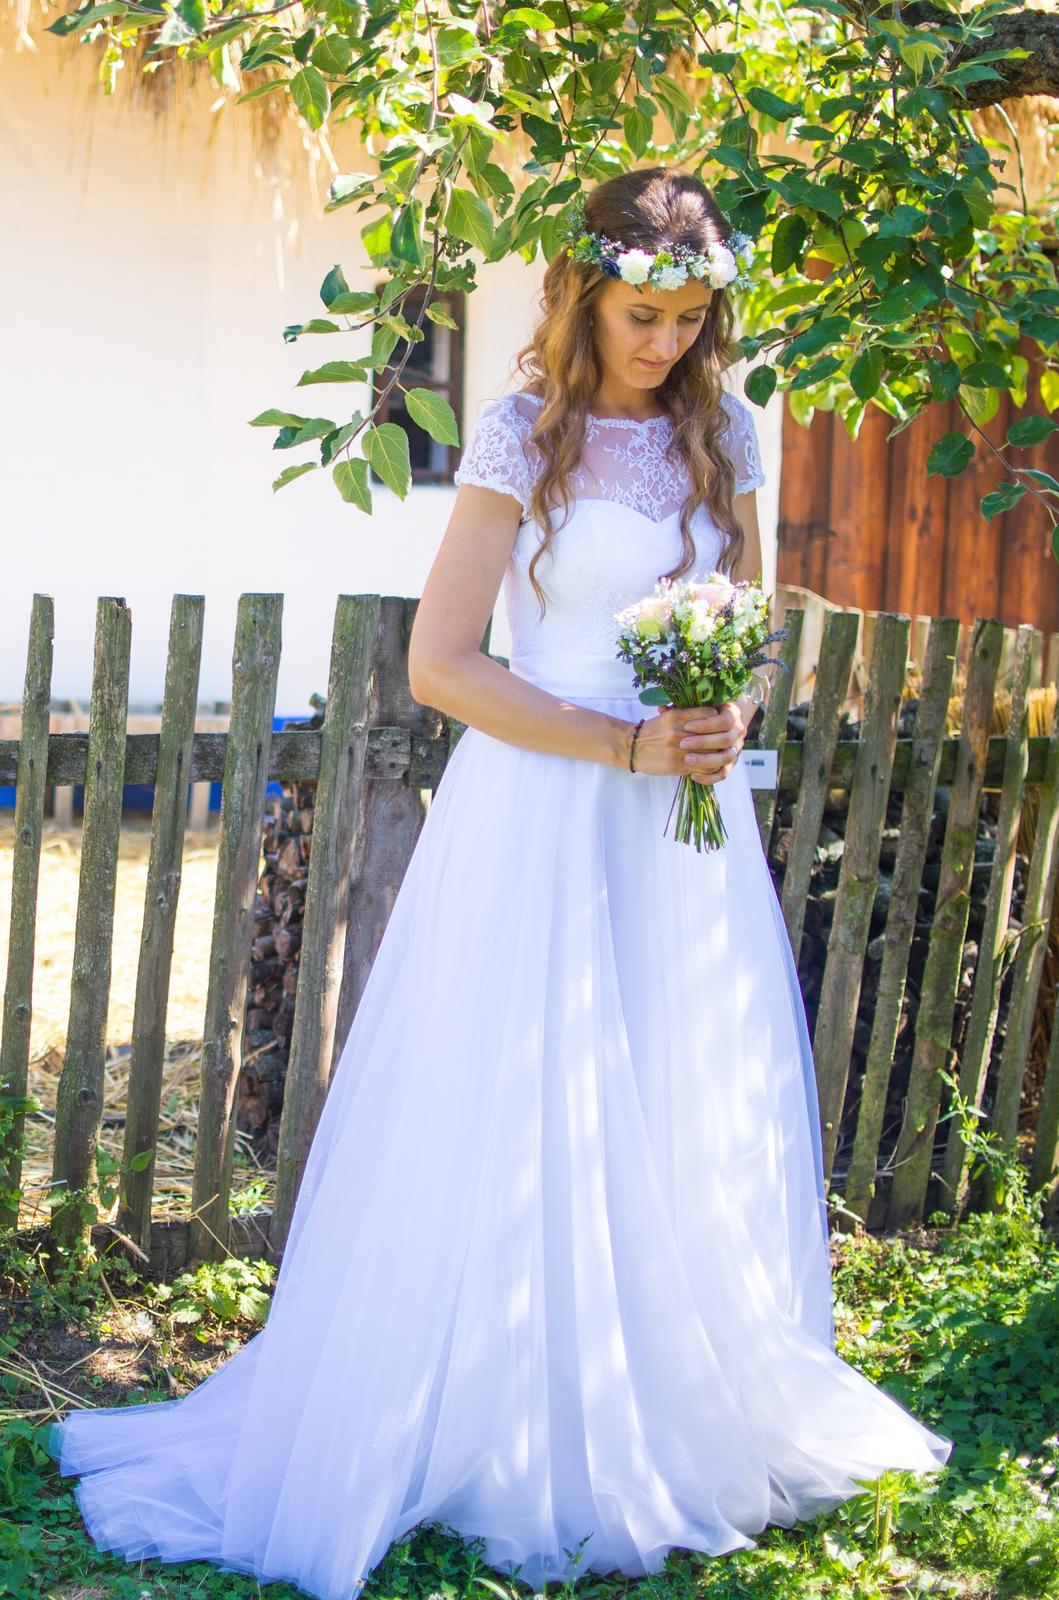 Svatební šaty pro vysokou nevěstu - Obrázek č. 1